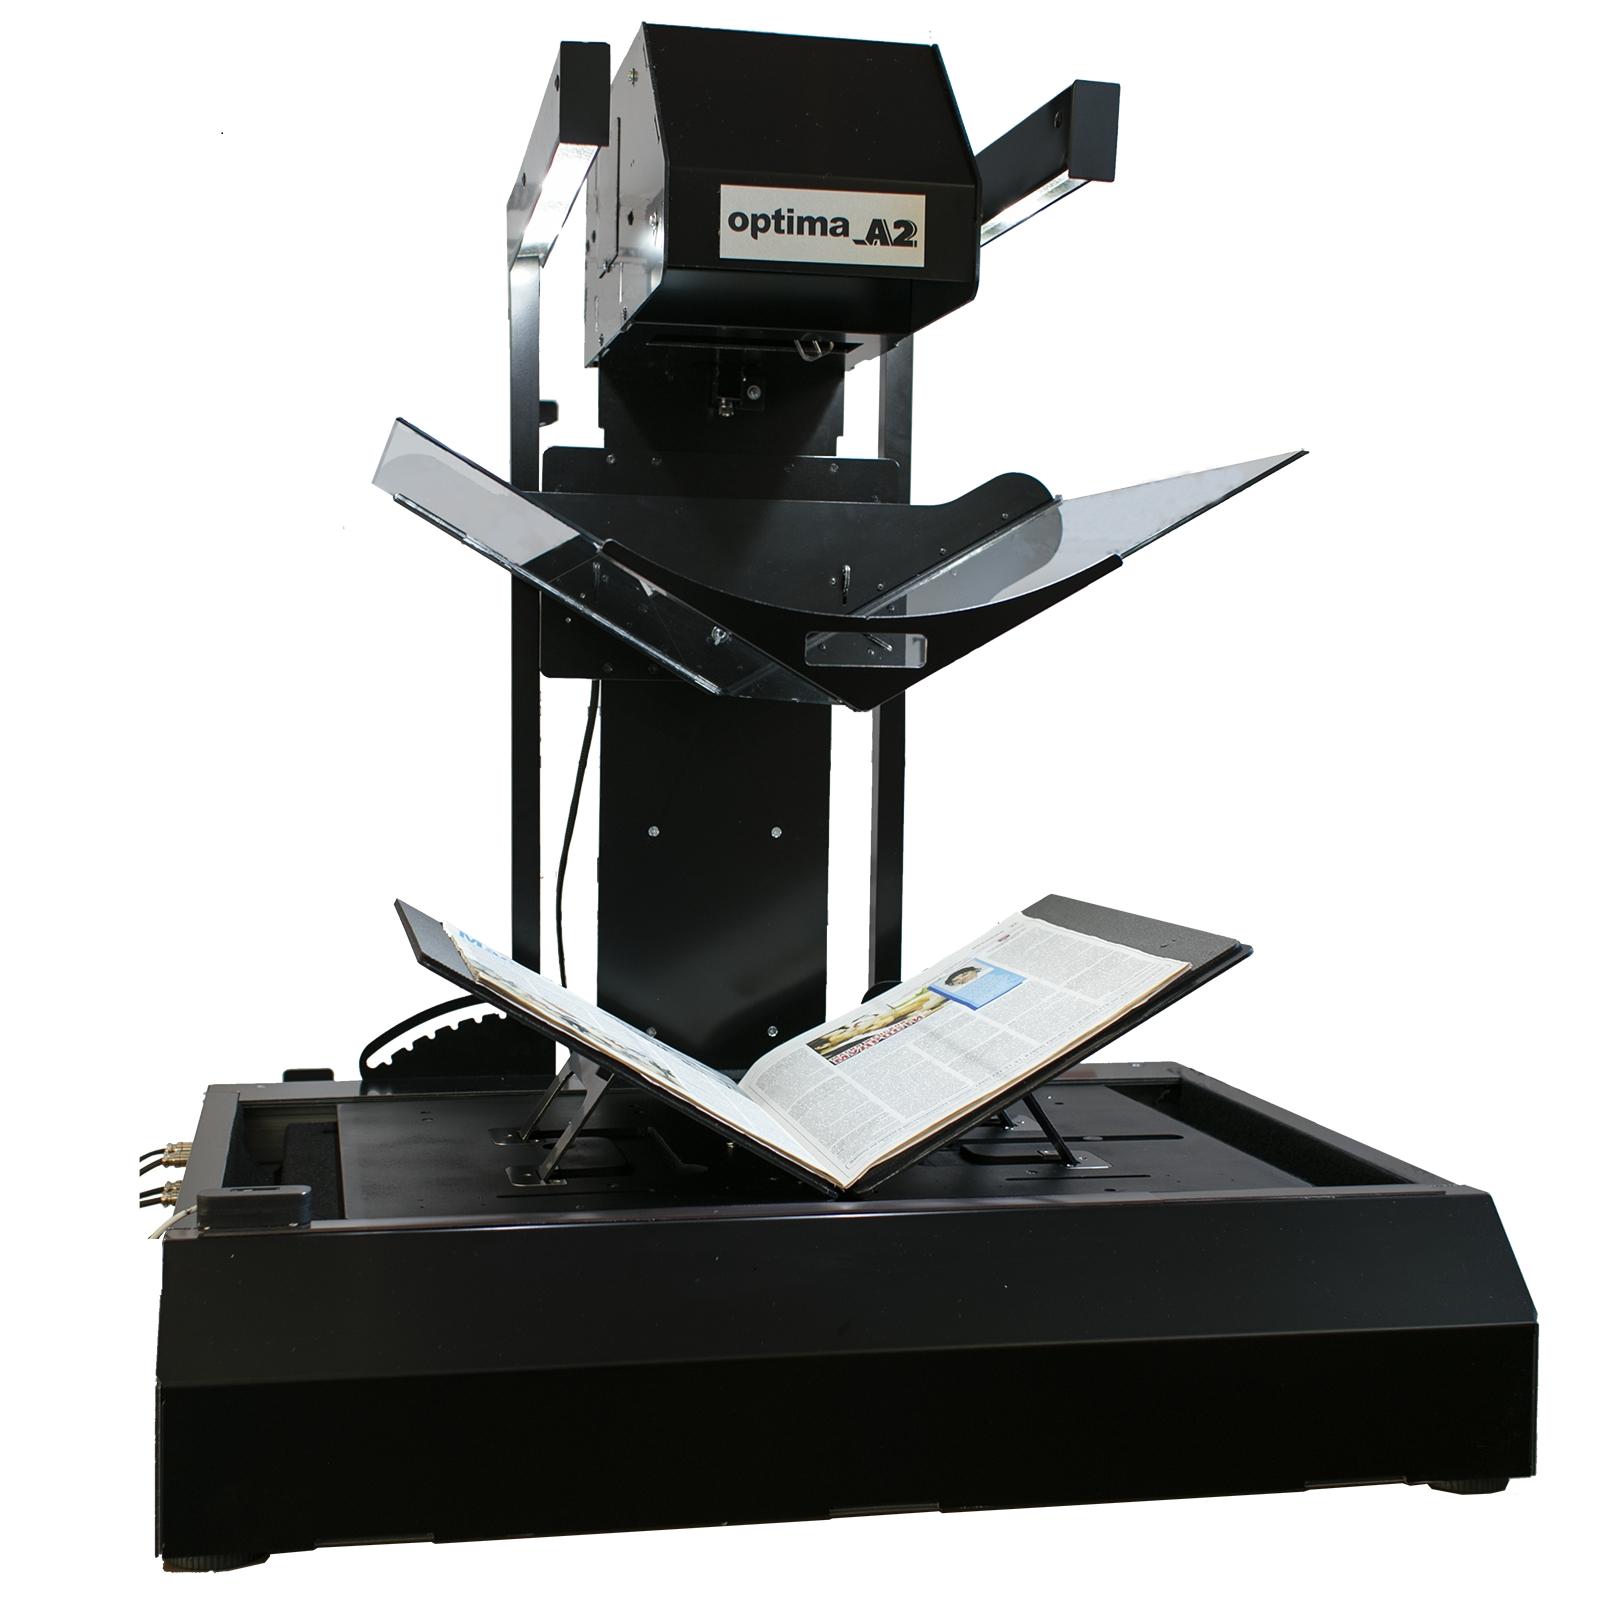 Сканирование книги с помощью фотосканера